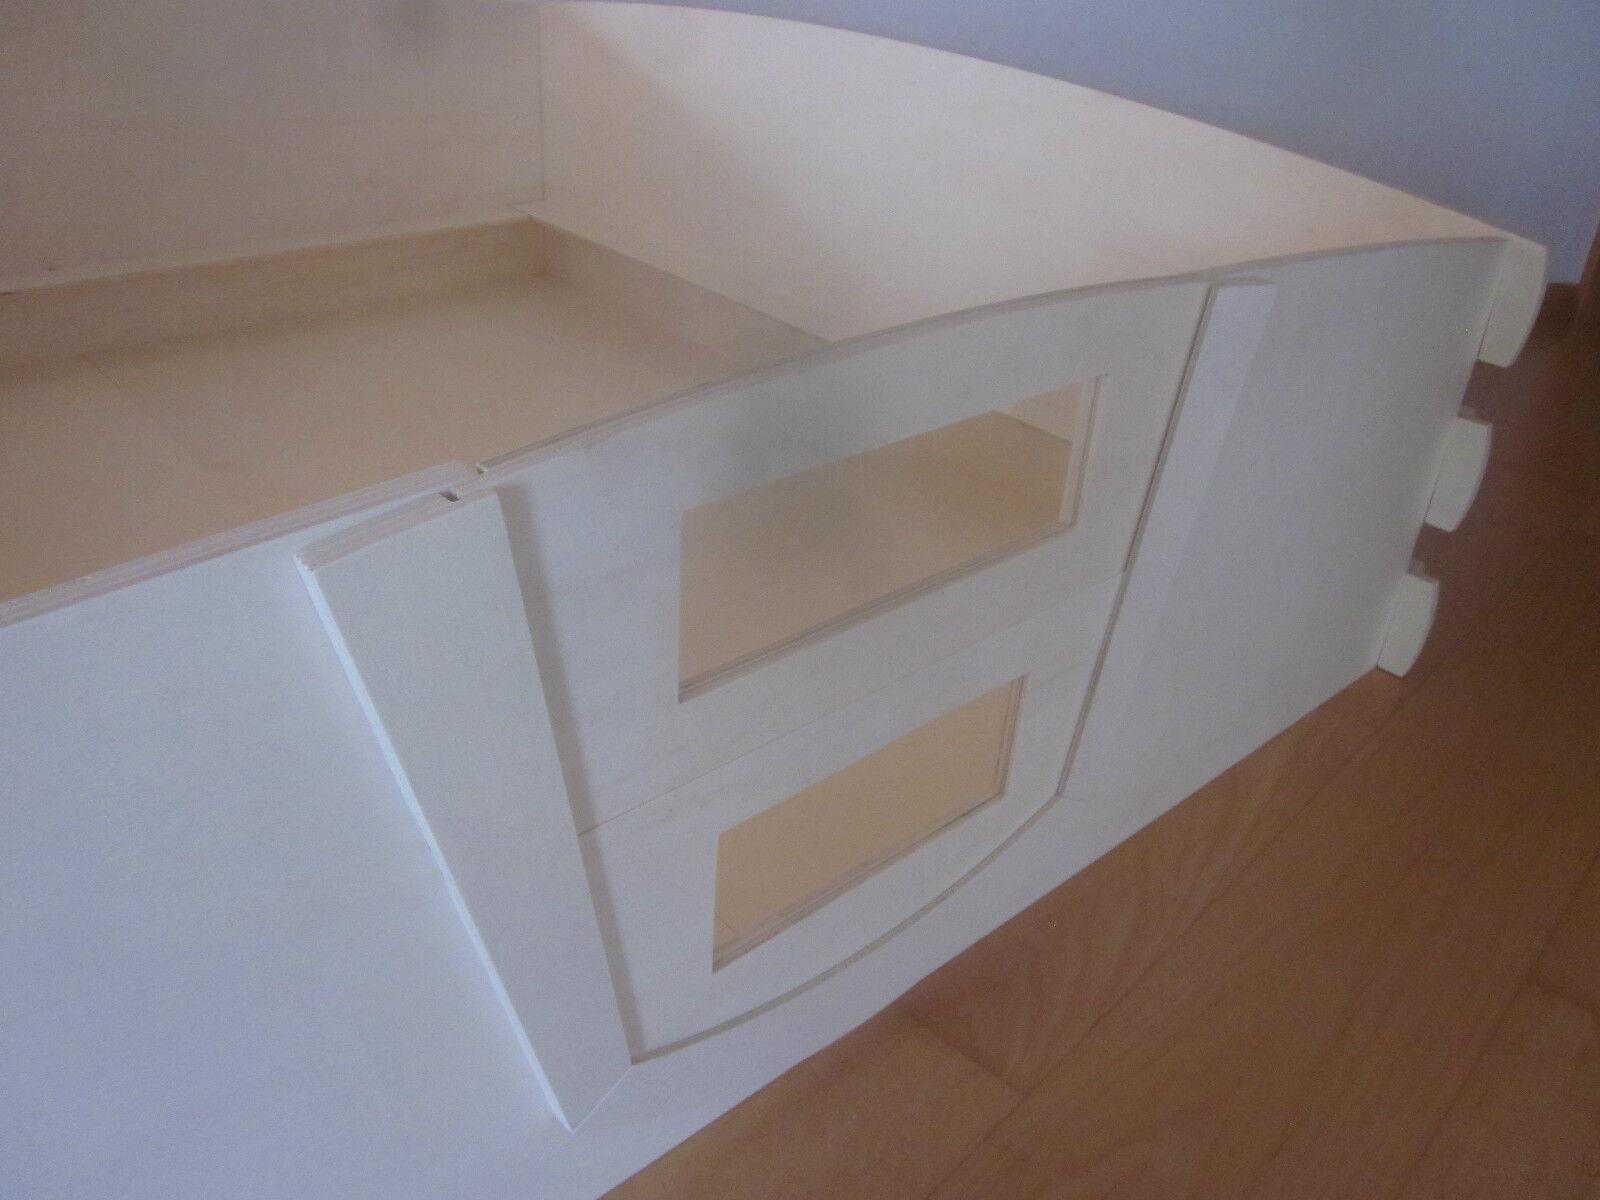 Wurfkiste Stecksystem Holz Welpenbox 148x148 148x148 148x148 Welpe Wurfbox Schlafplatz Hund Katz ce0e4b